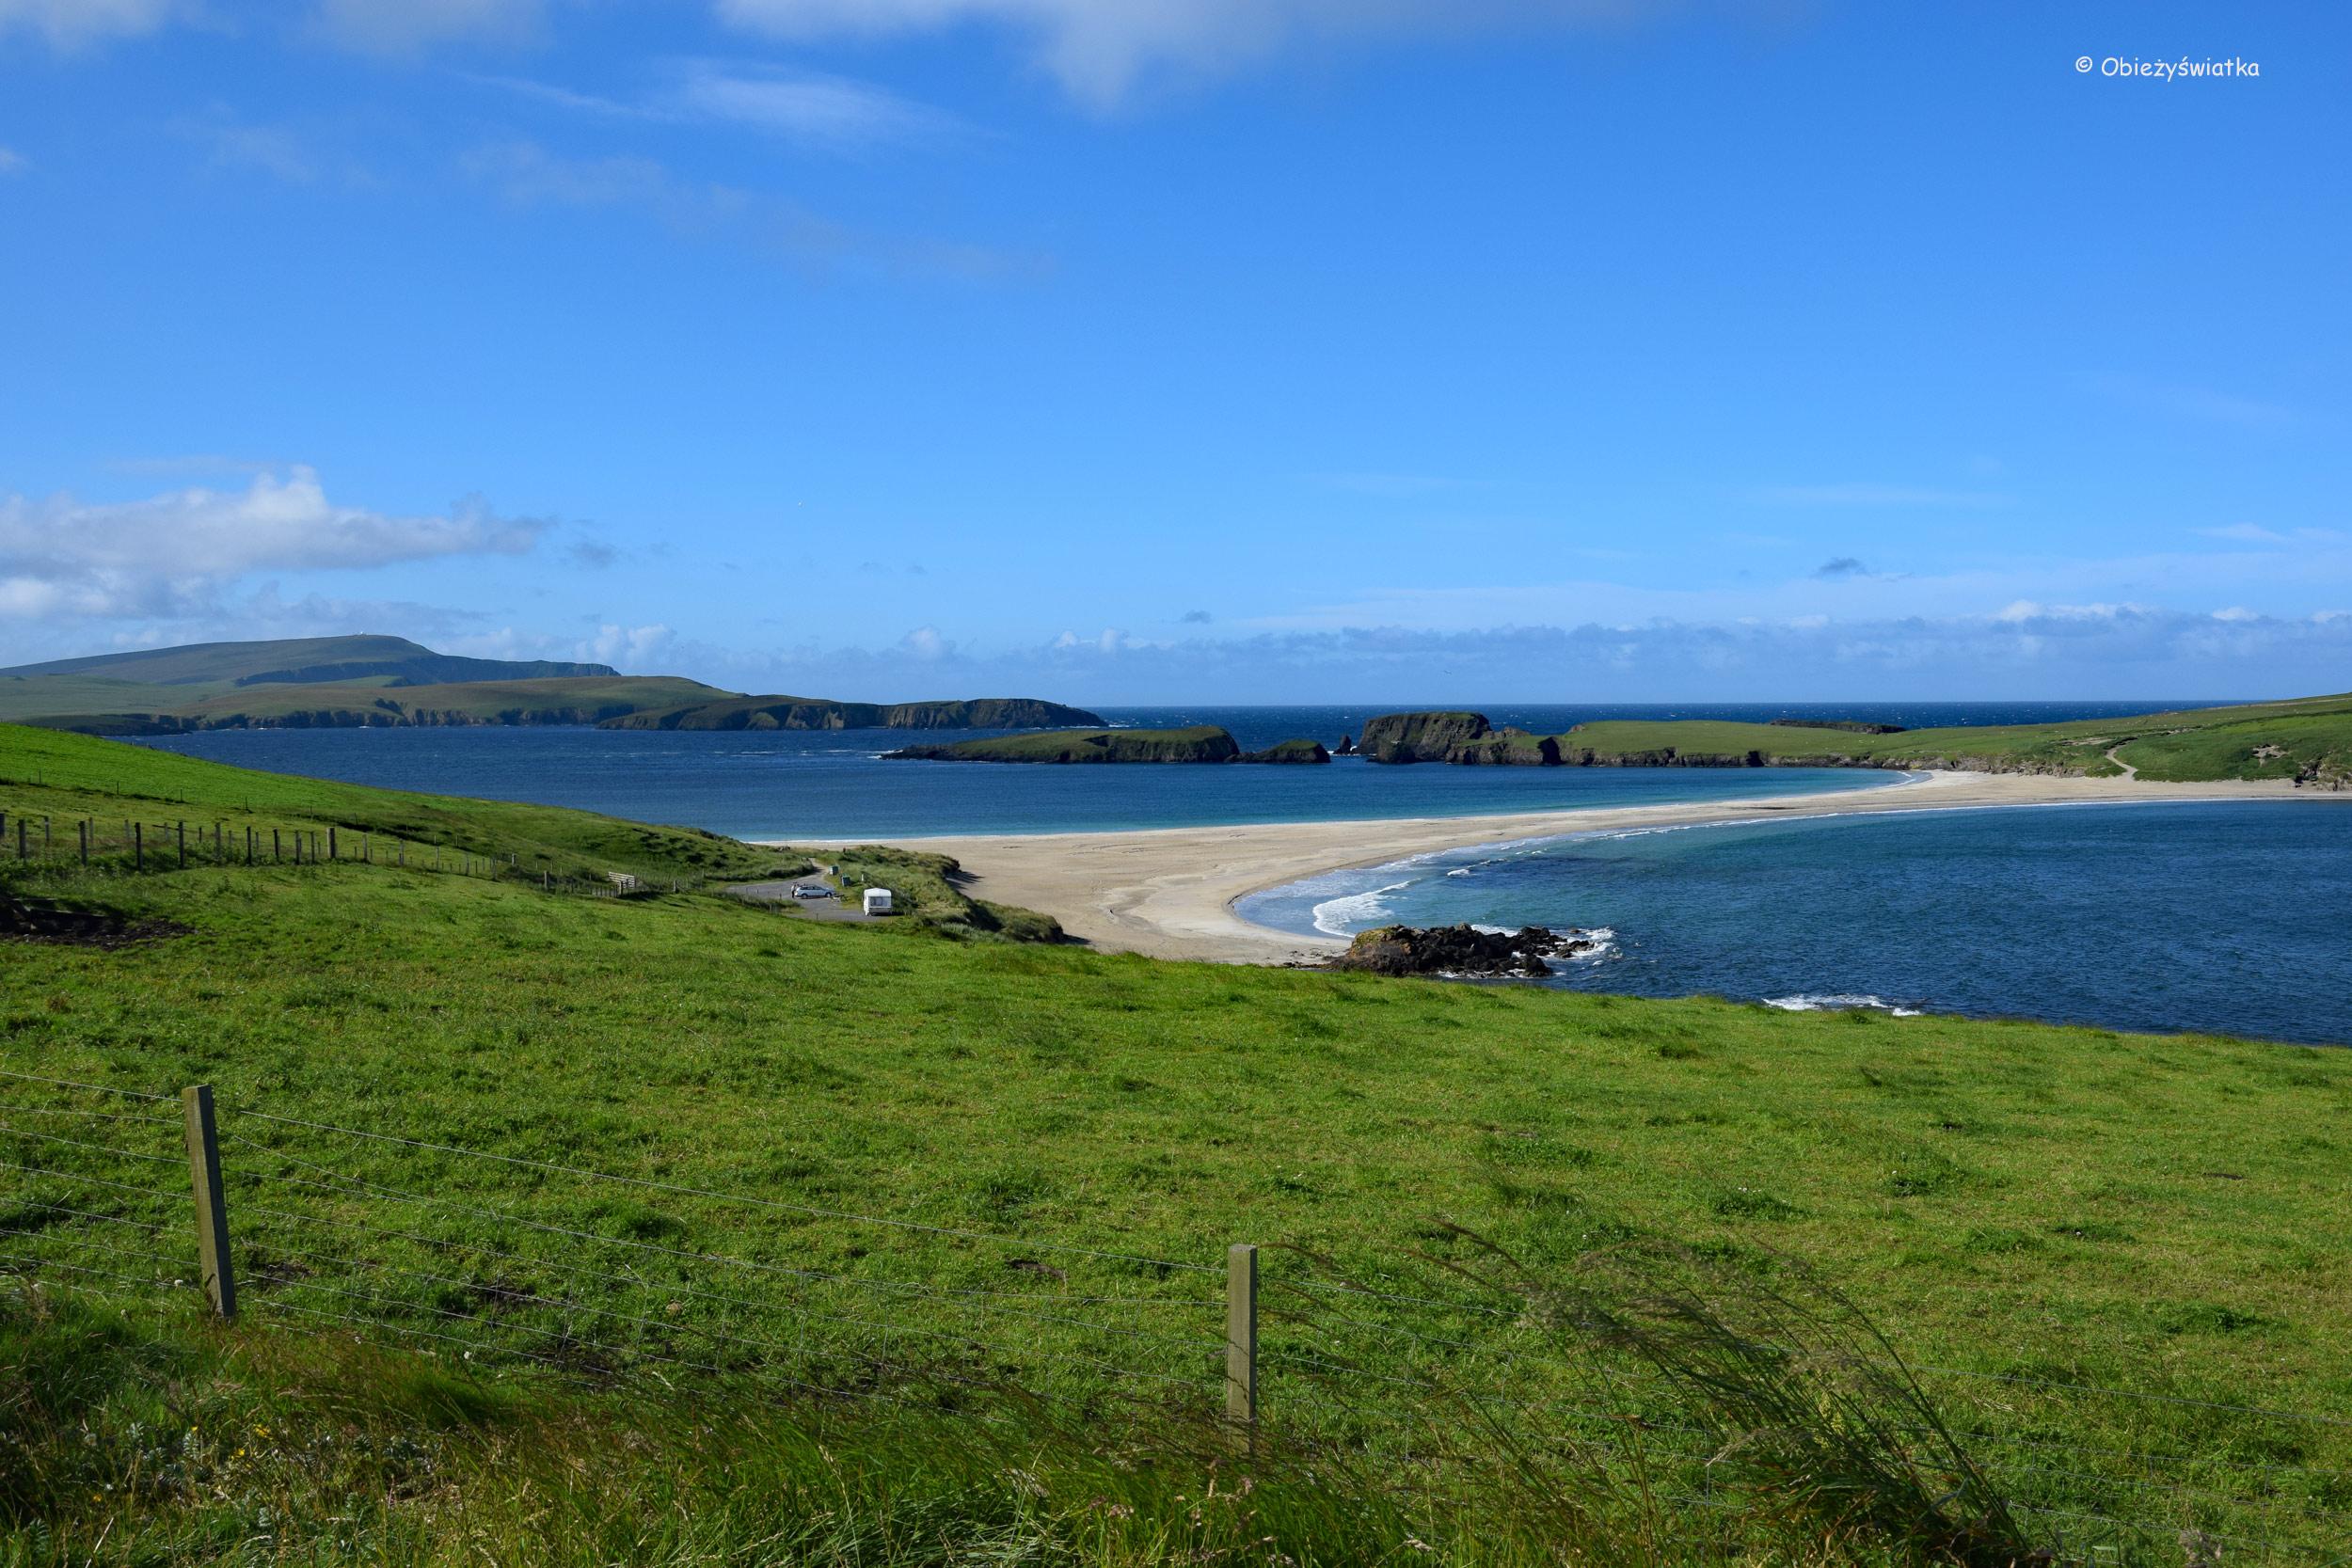 Tombolo i wyspa św. Niniana, Szkocja, Wyspy Szetlandzkie